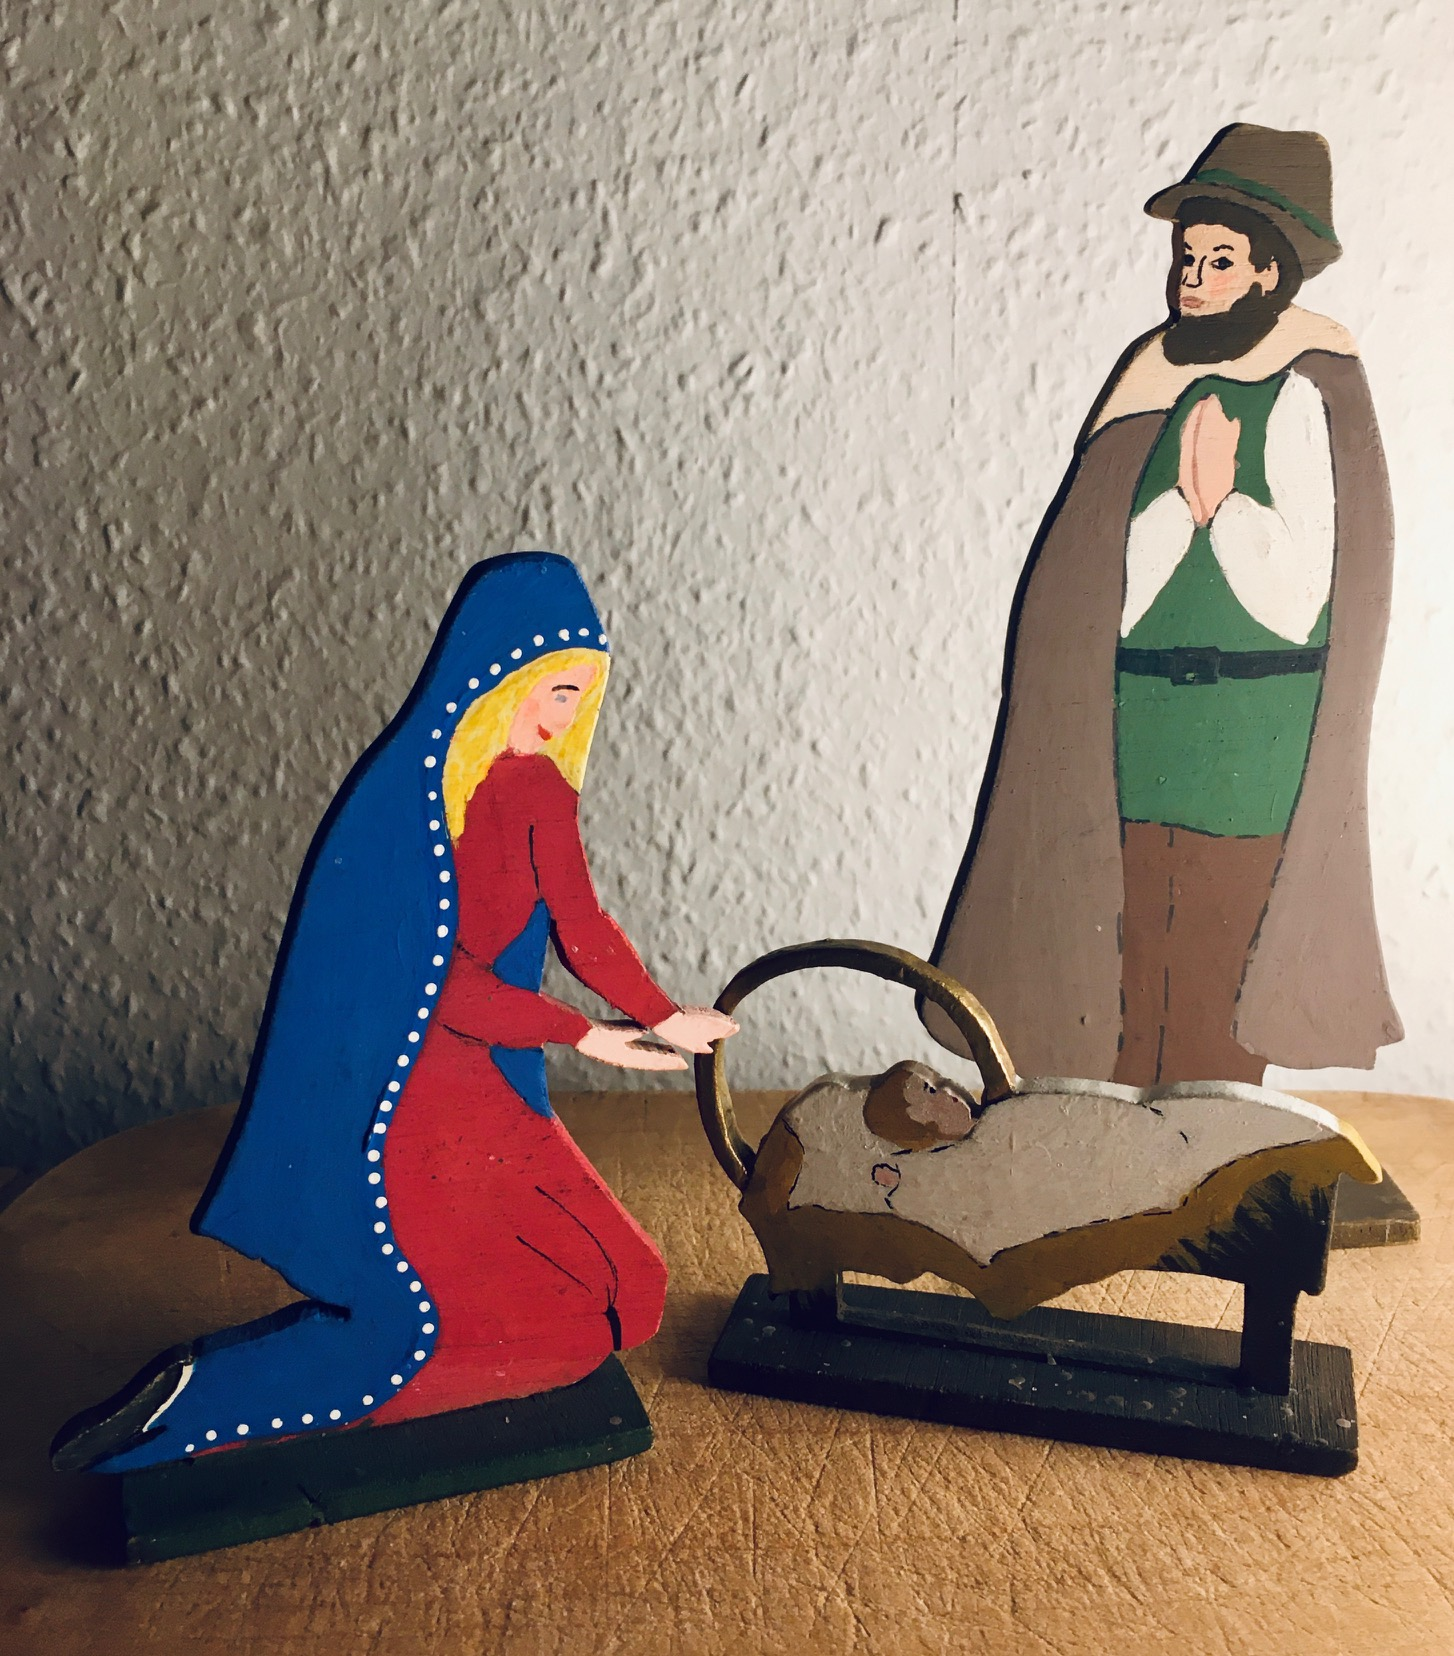 Krippenspiel: Weihnachtsgeschichte nach Carl Orff